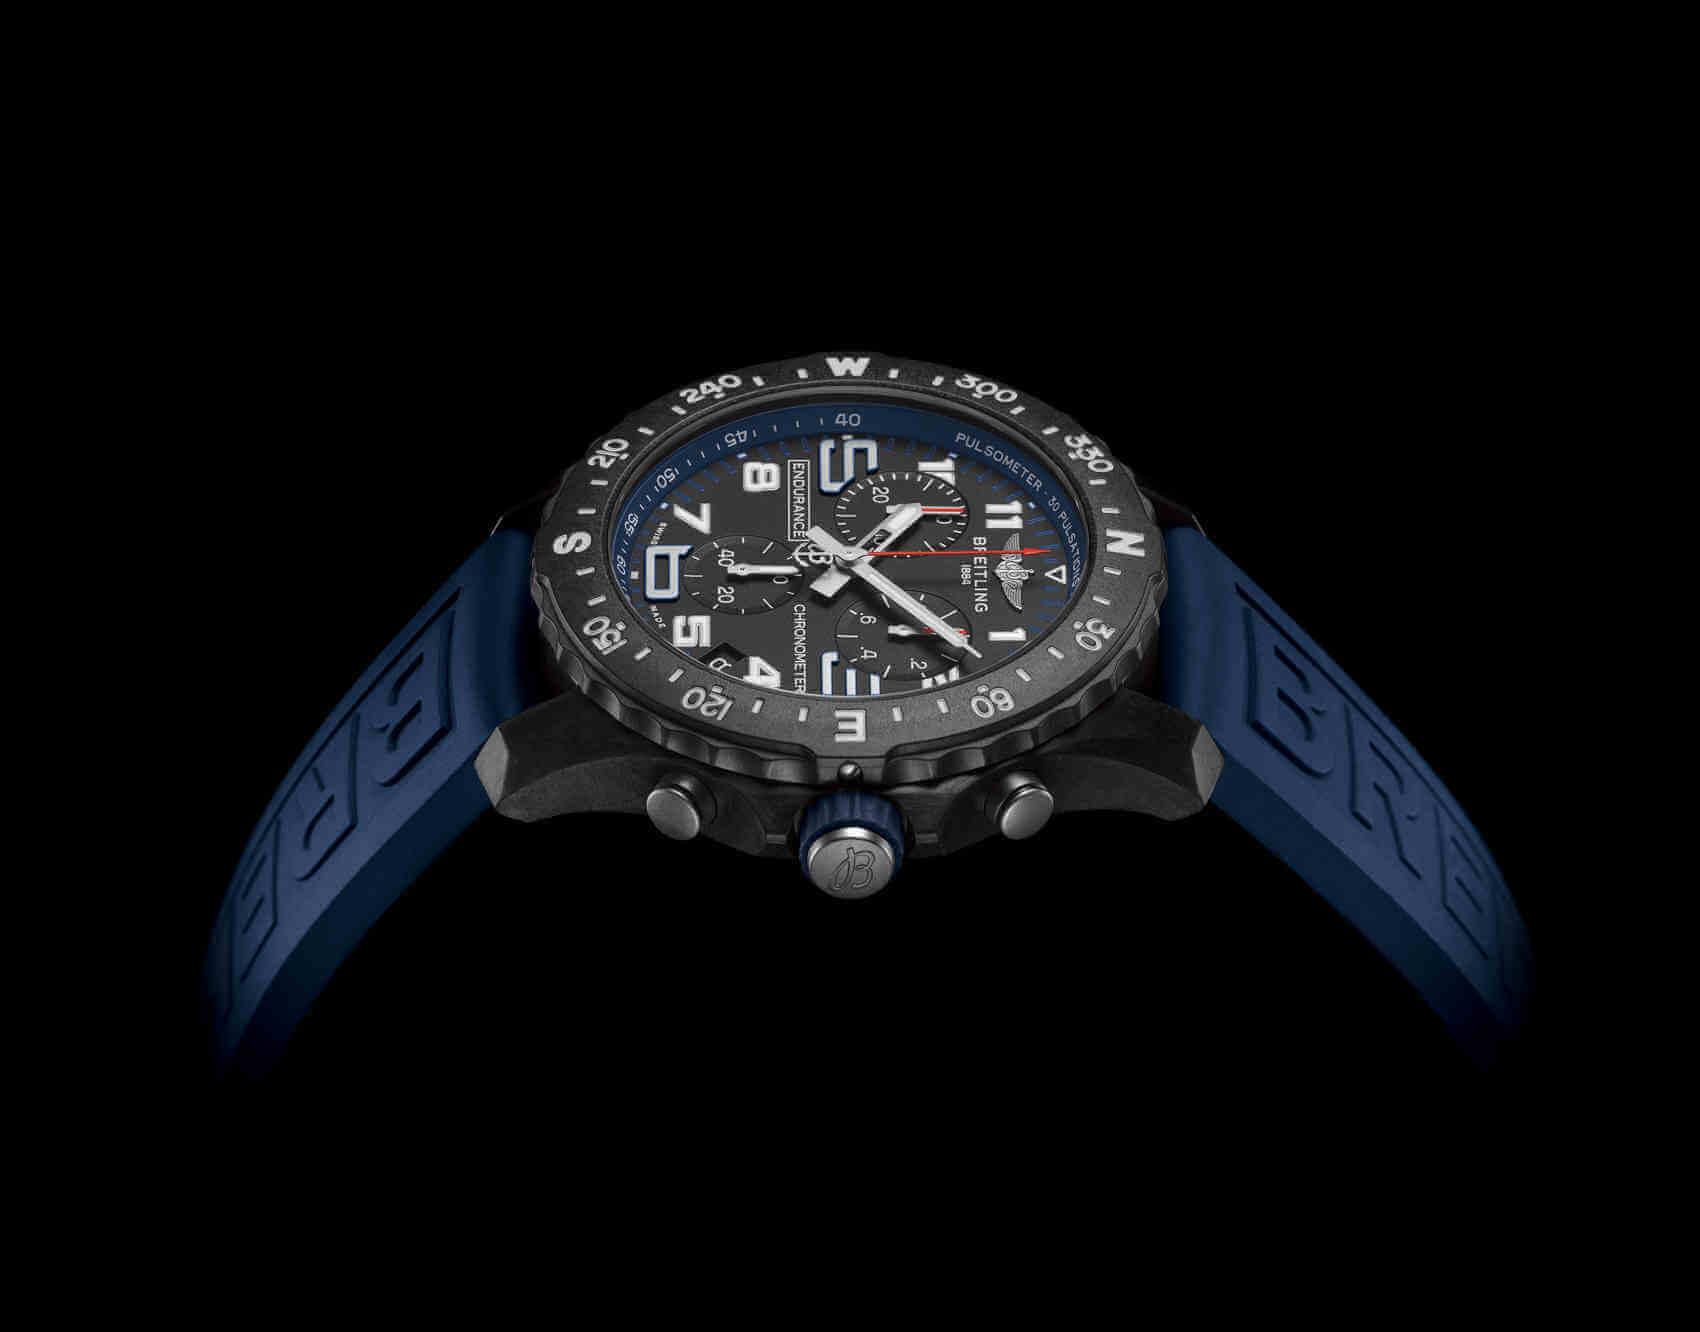 Breitling Endurance Pro azul lifestyle